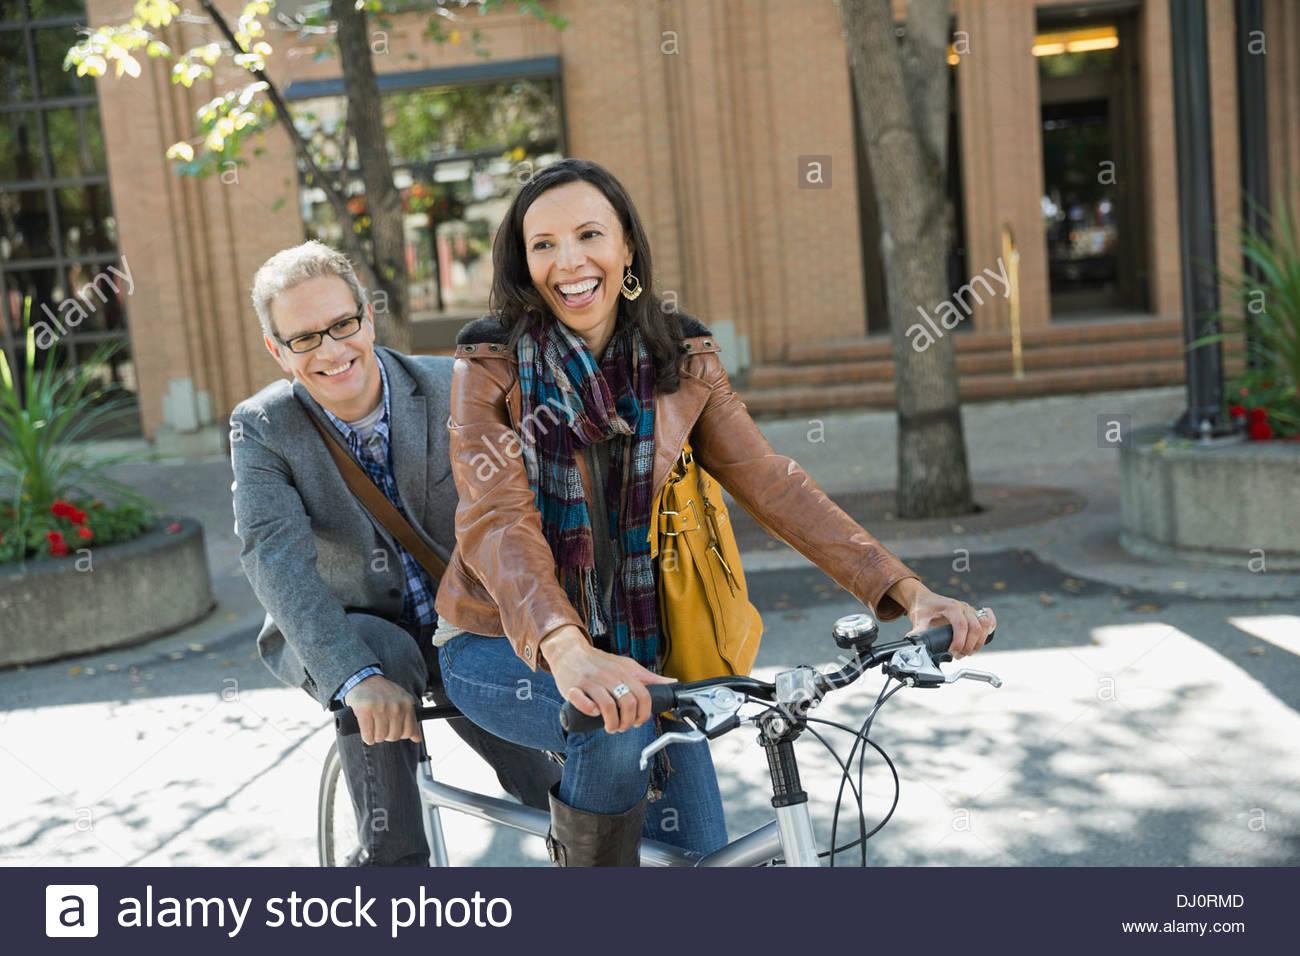 Coppia sorridente equitazione biciclette tandem Immagini Stock